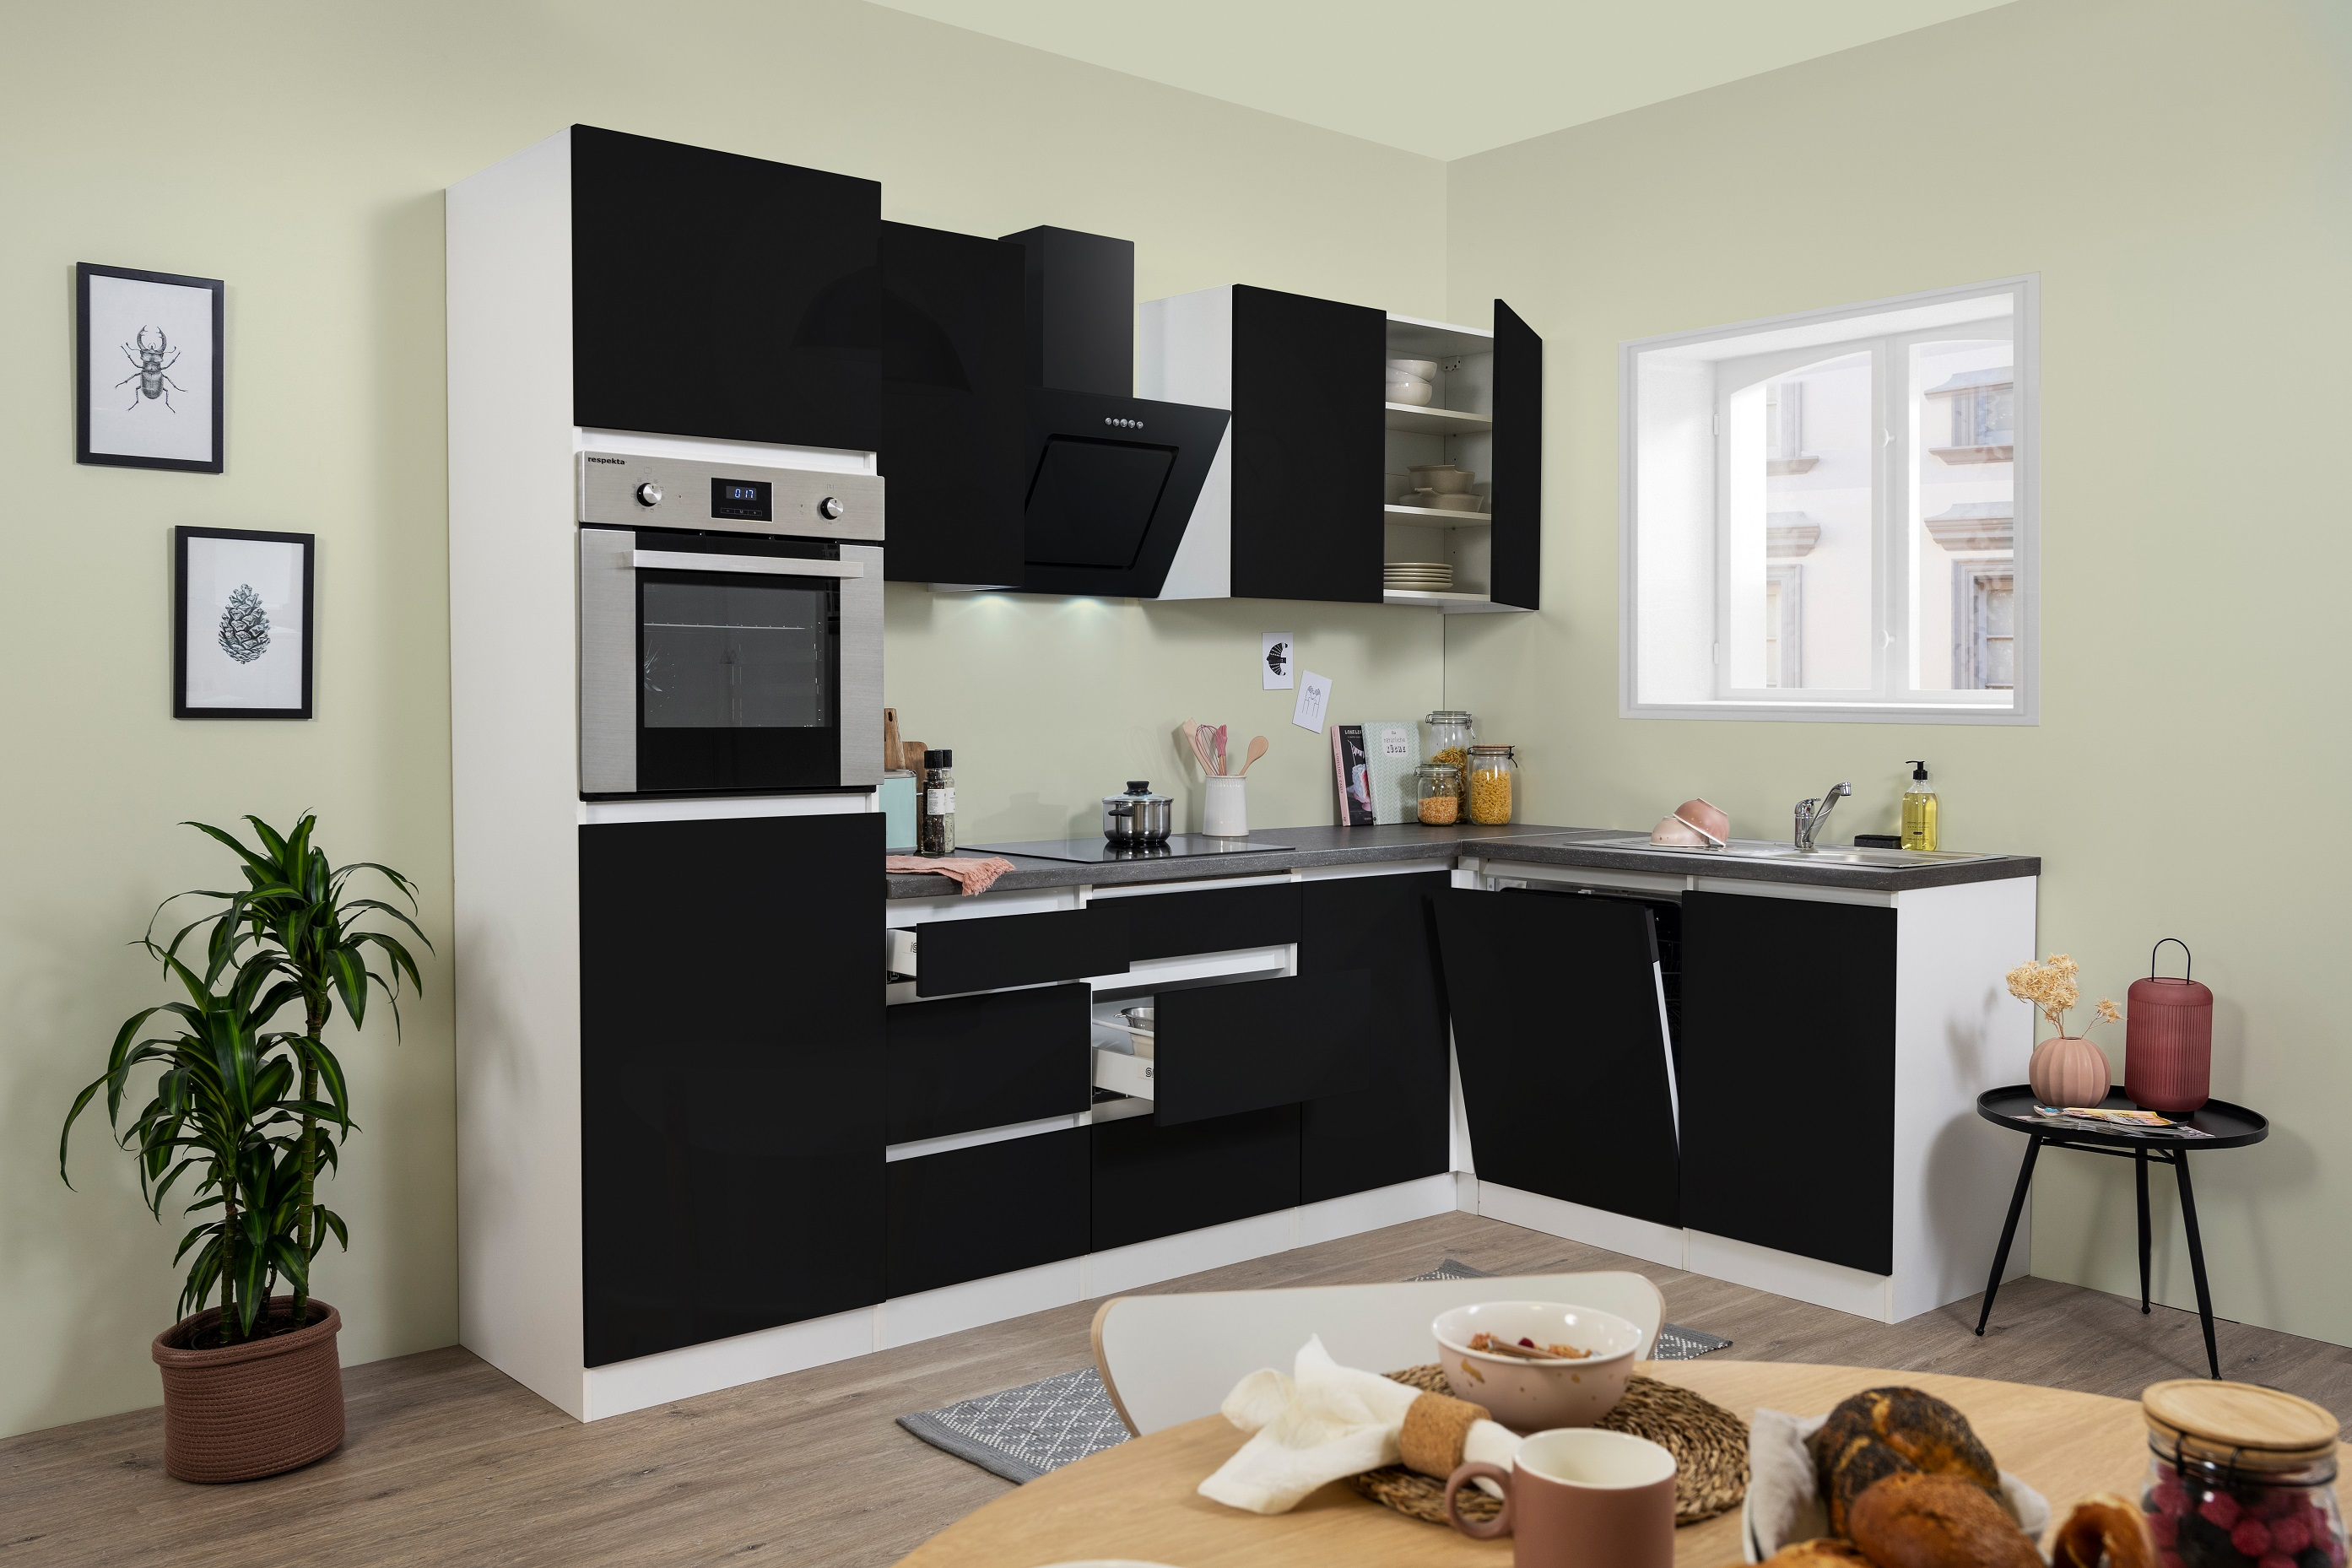 Winkelküche Küchenzeile Küche L-Form Küche grifflos schwarz 280x172 cm respekta